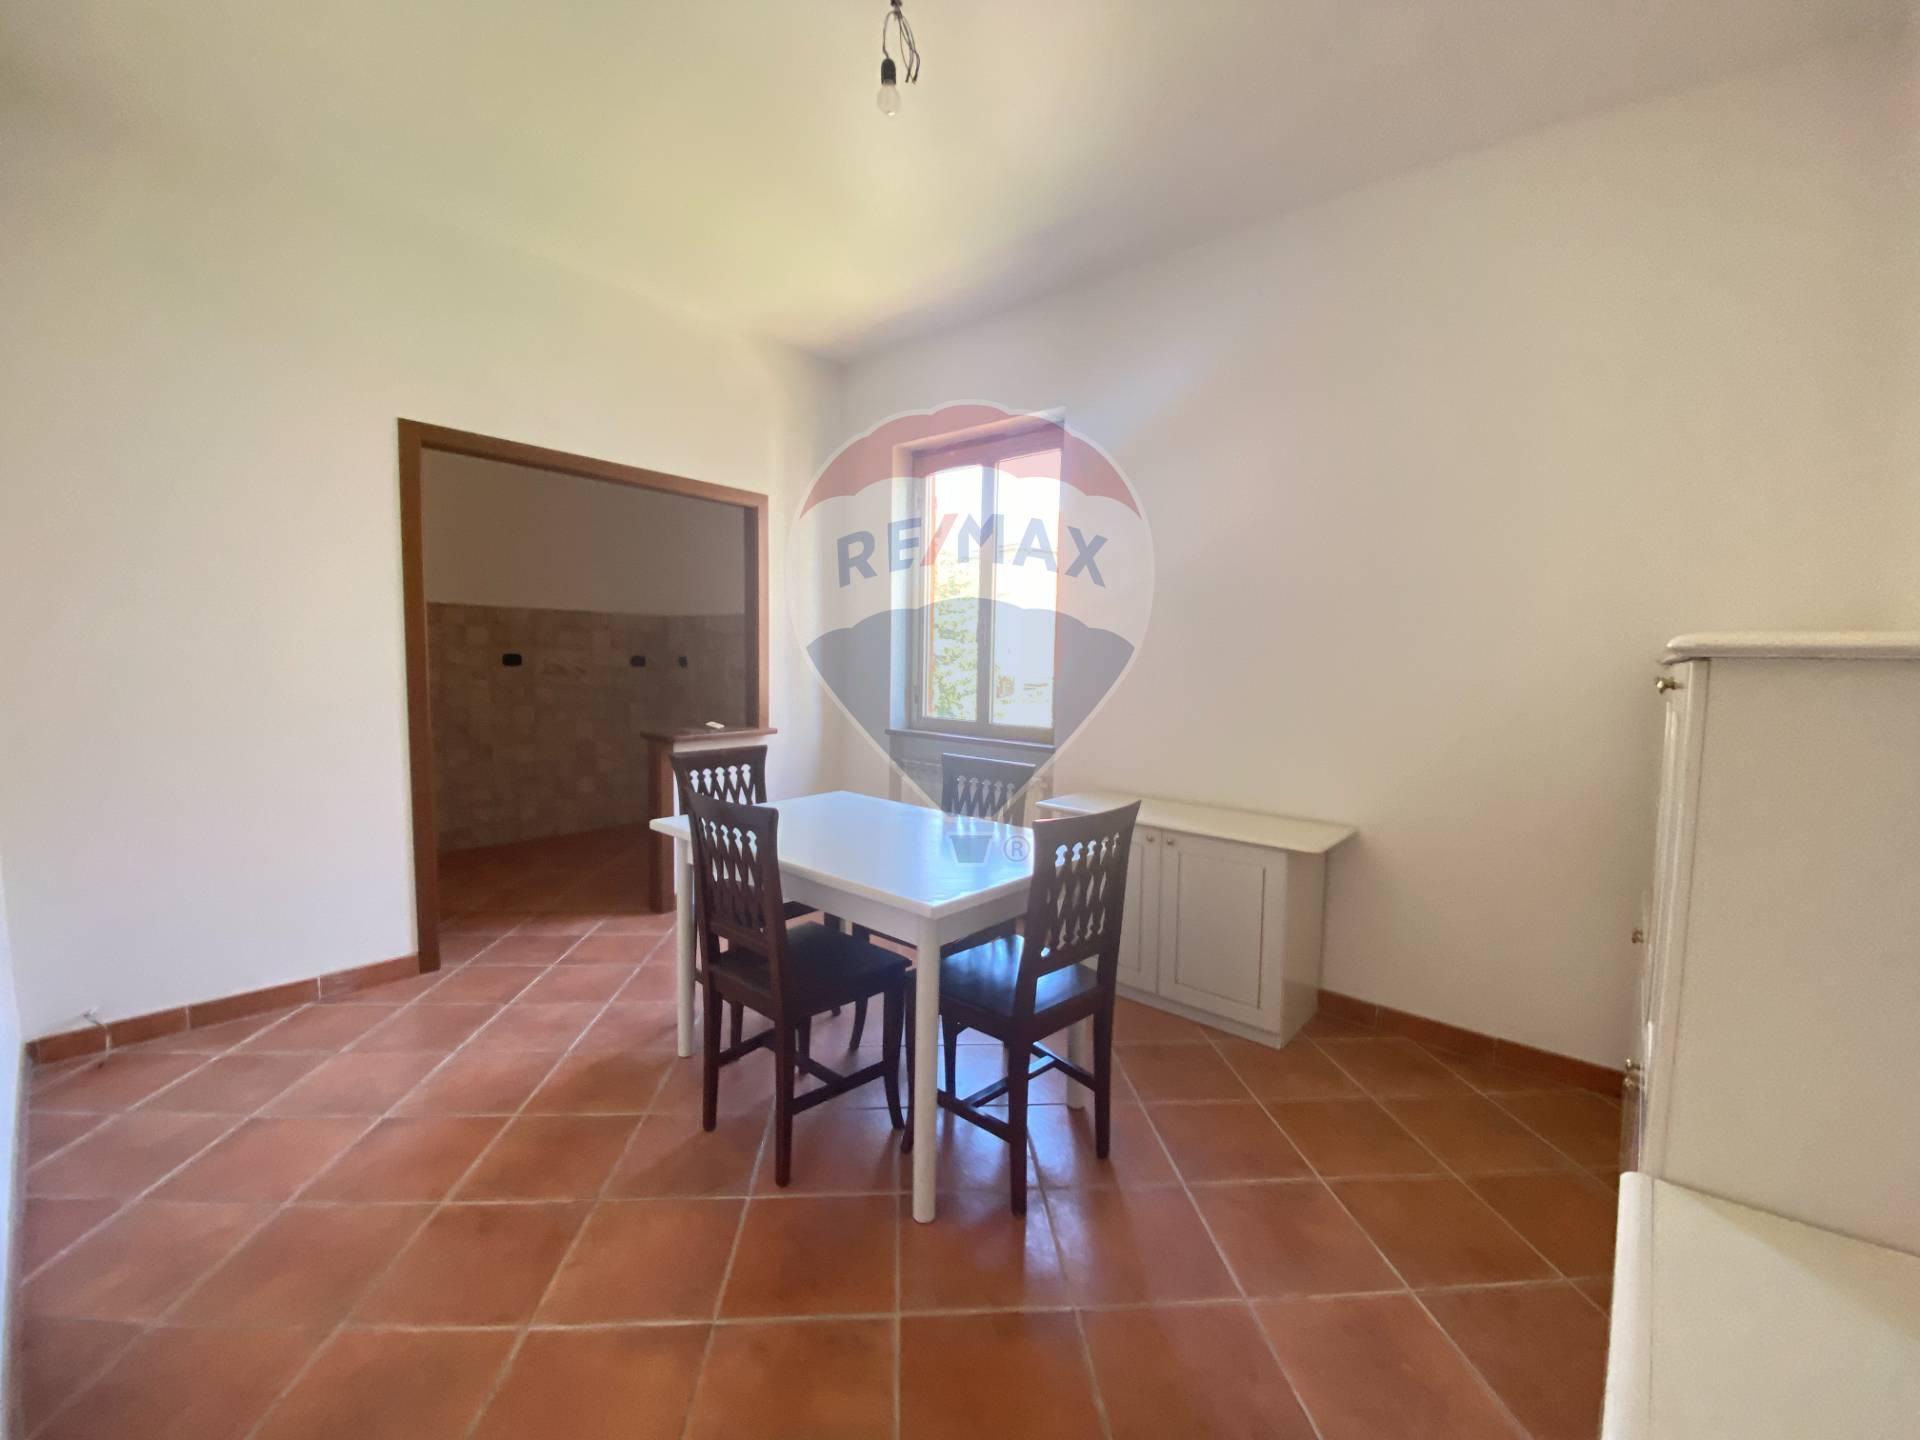 Appartamento in affitto a Cengio, 4 locali, prezzo € 350 | CambioCasa.it